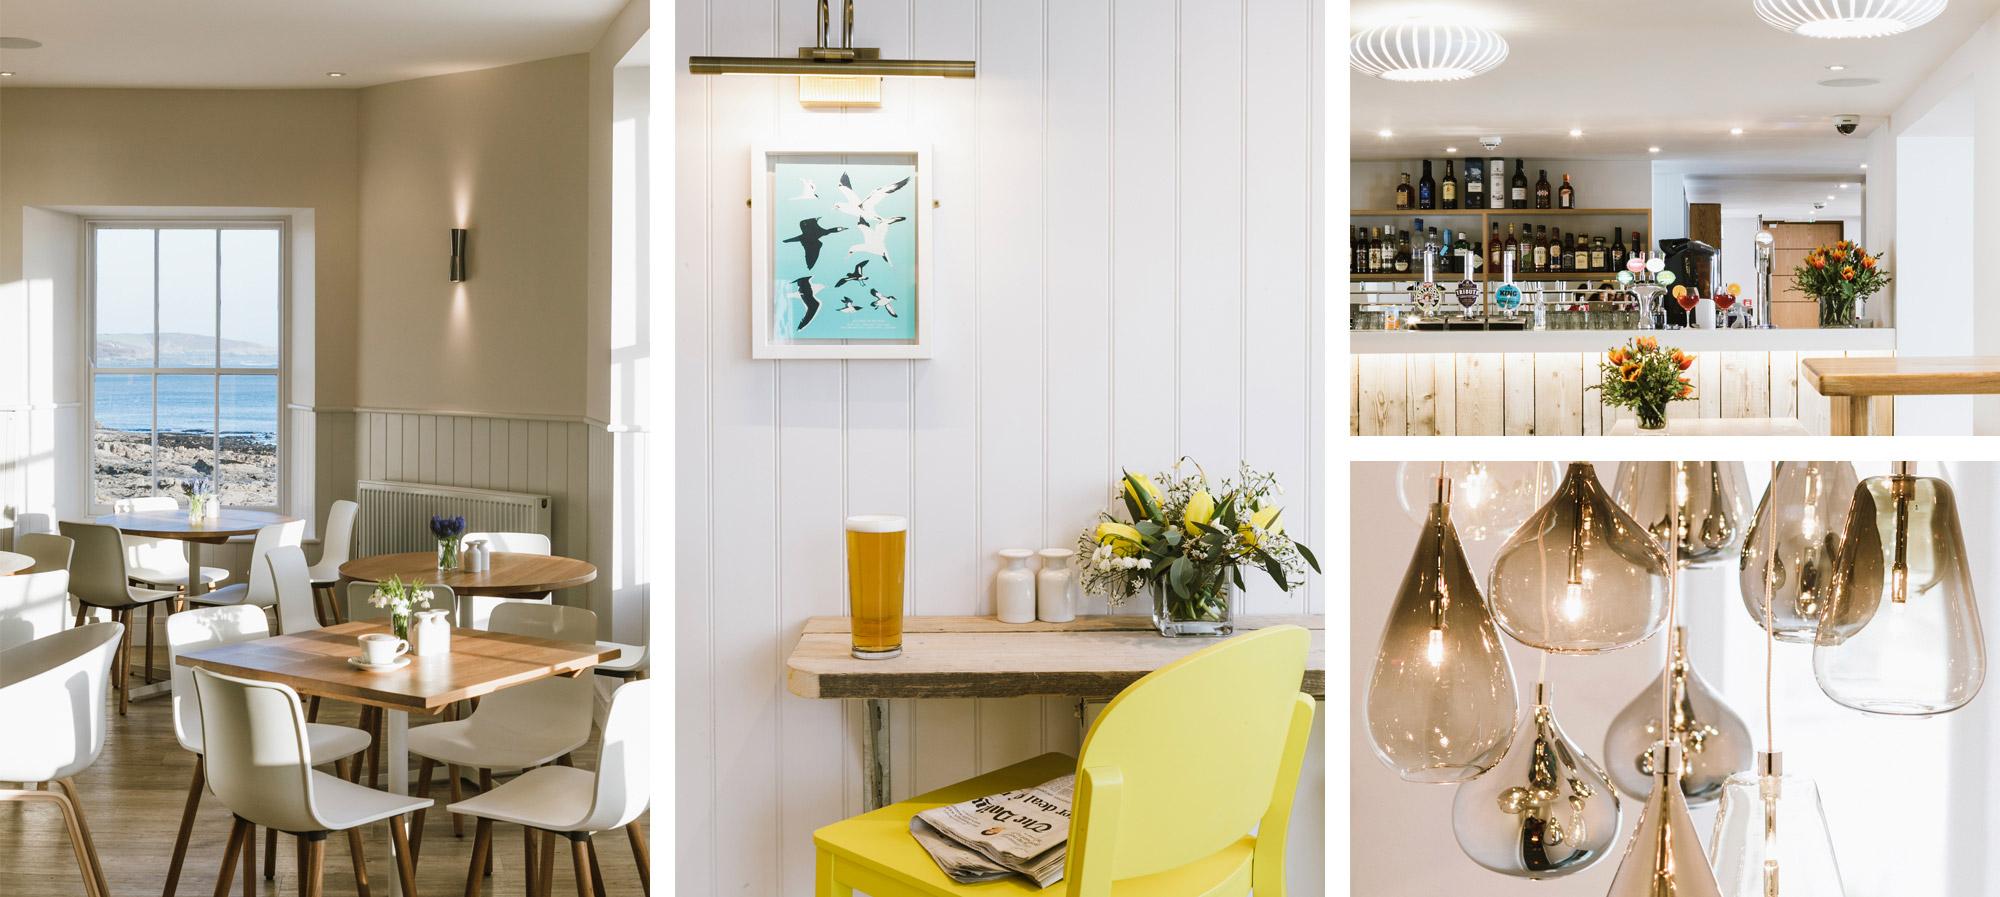 Godolphin Arms interior including the restaurant & Beach Bar